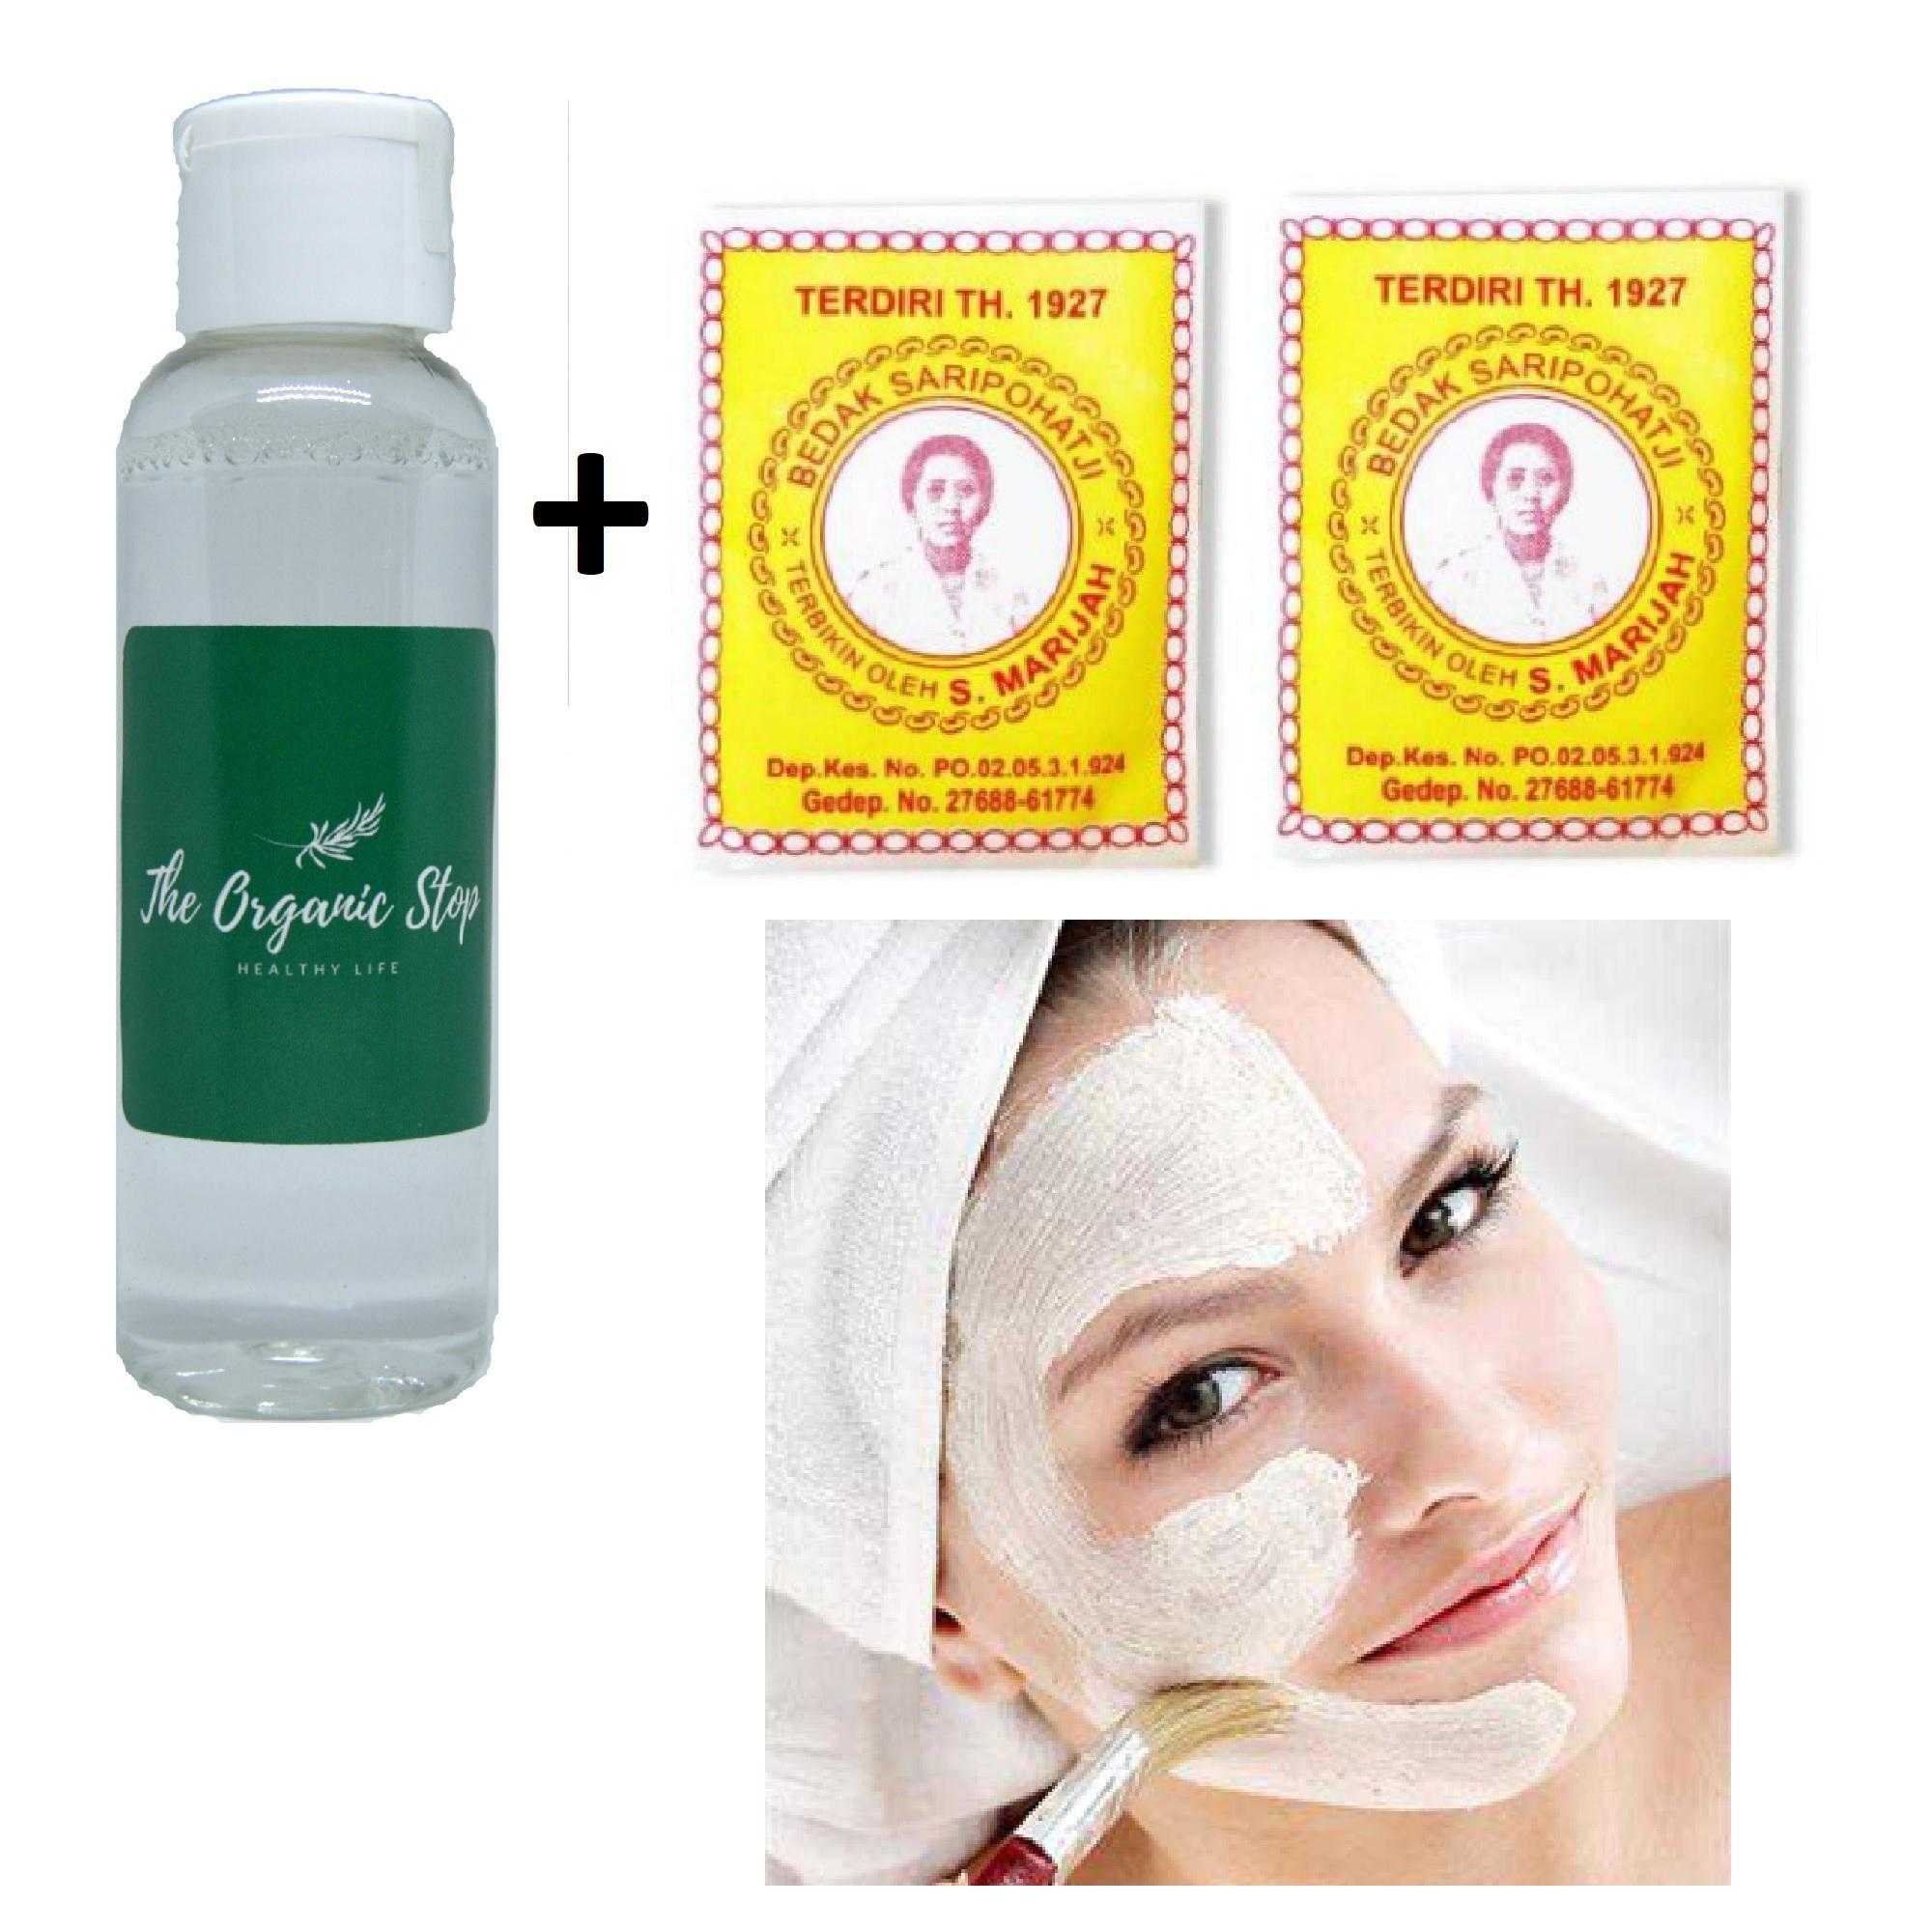 TheOrganicStop Paket 2 Bedak Dingin Saripohatji + 1 Rose Water Air Mawar Murni Hydrosol 50 ml